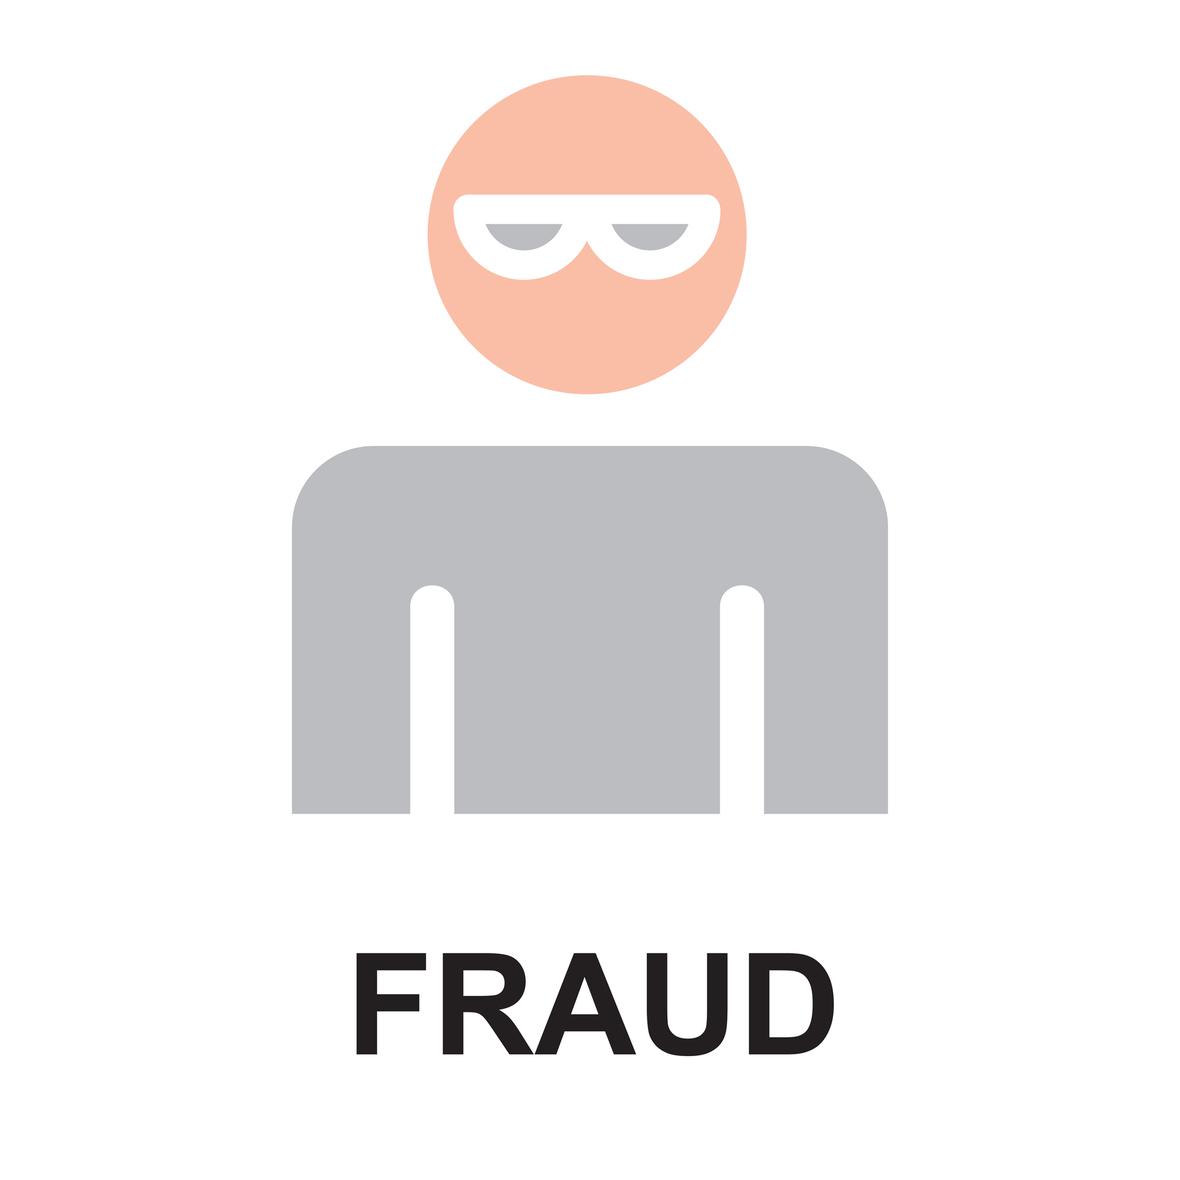 Fraud pifin 03